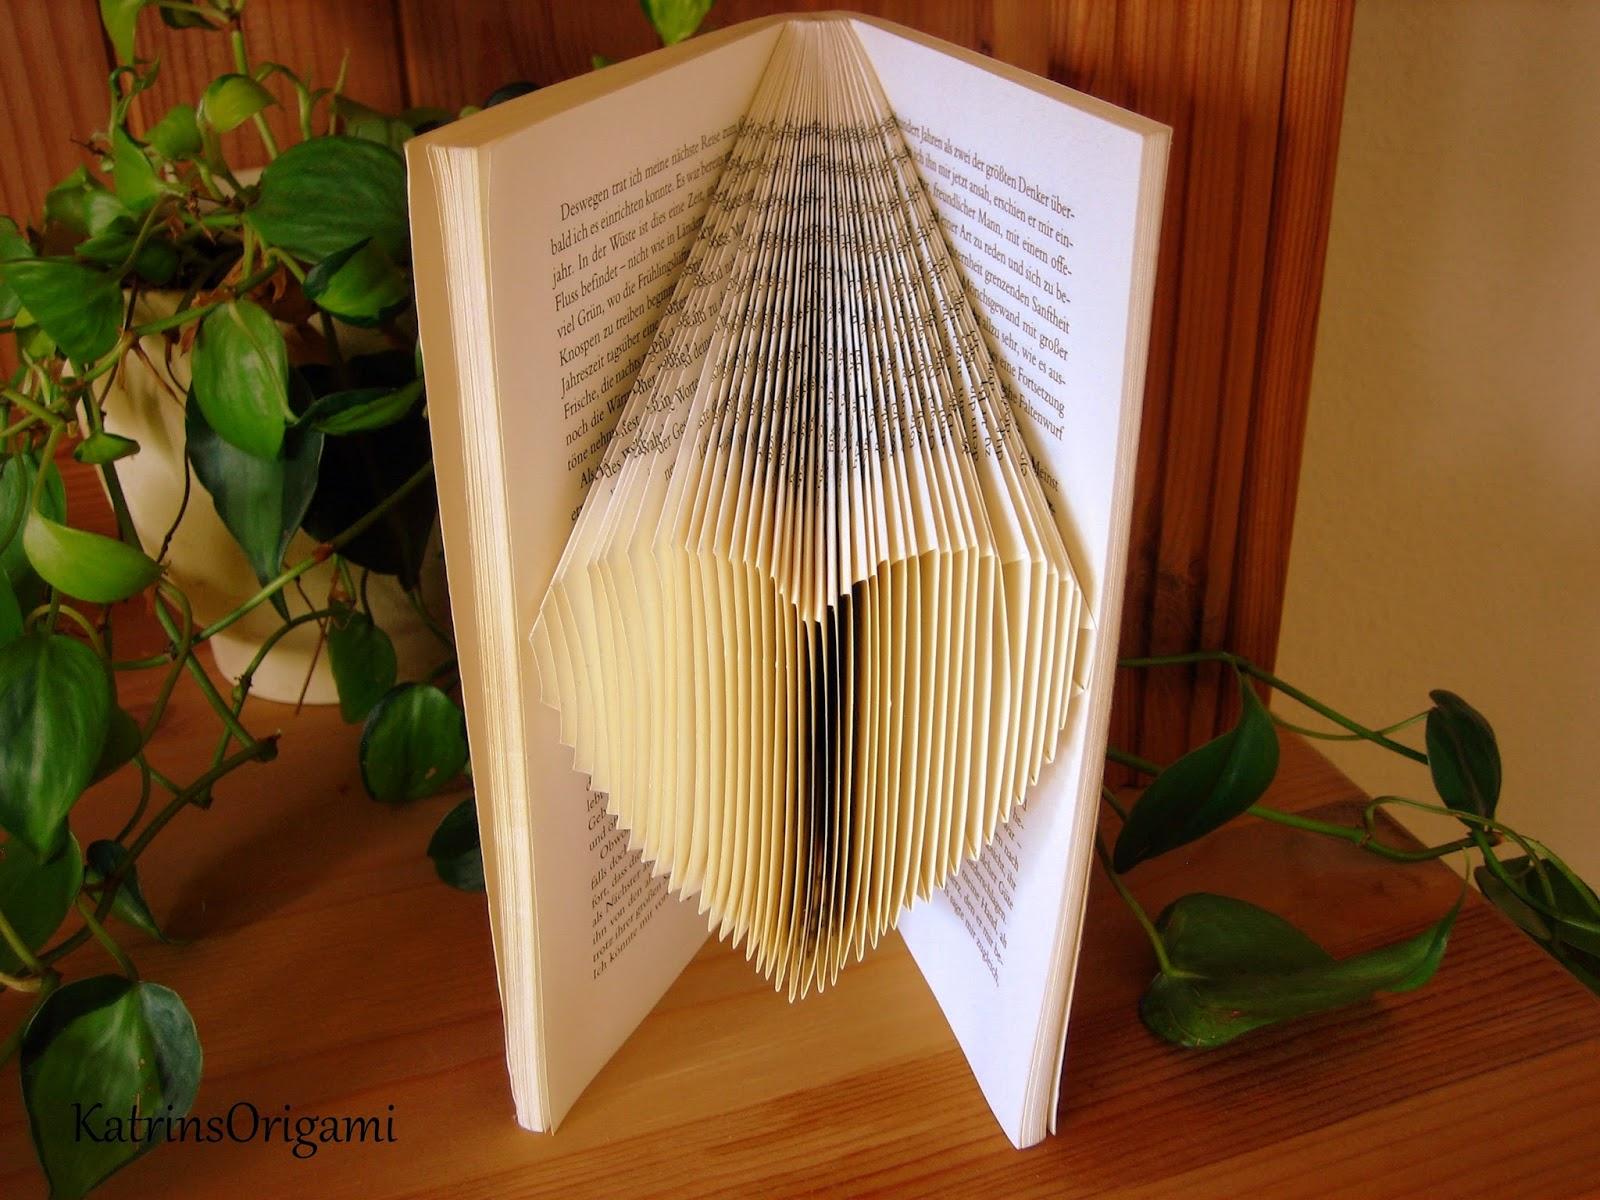 origami die kunst des papierfaltens book folding art. Black Bedroom Furniture Sets. Home Design Ideas